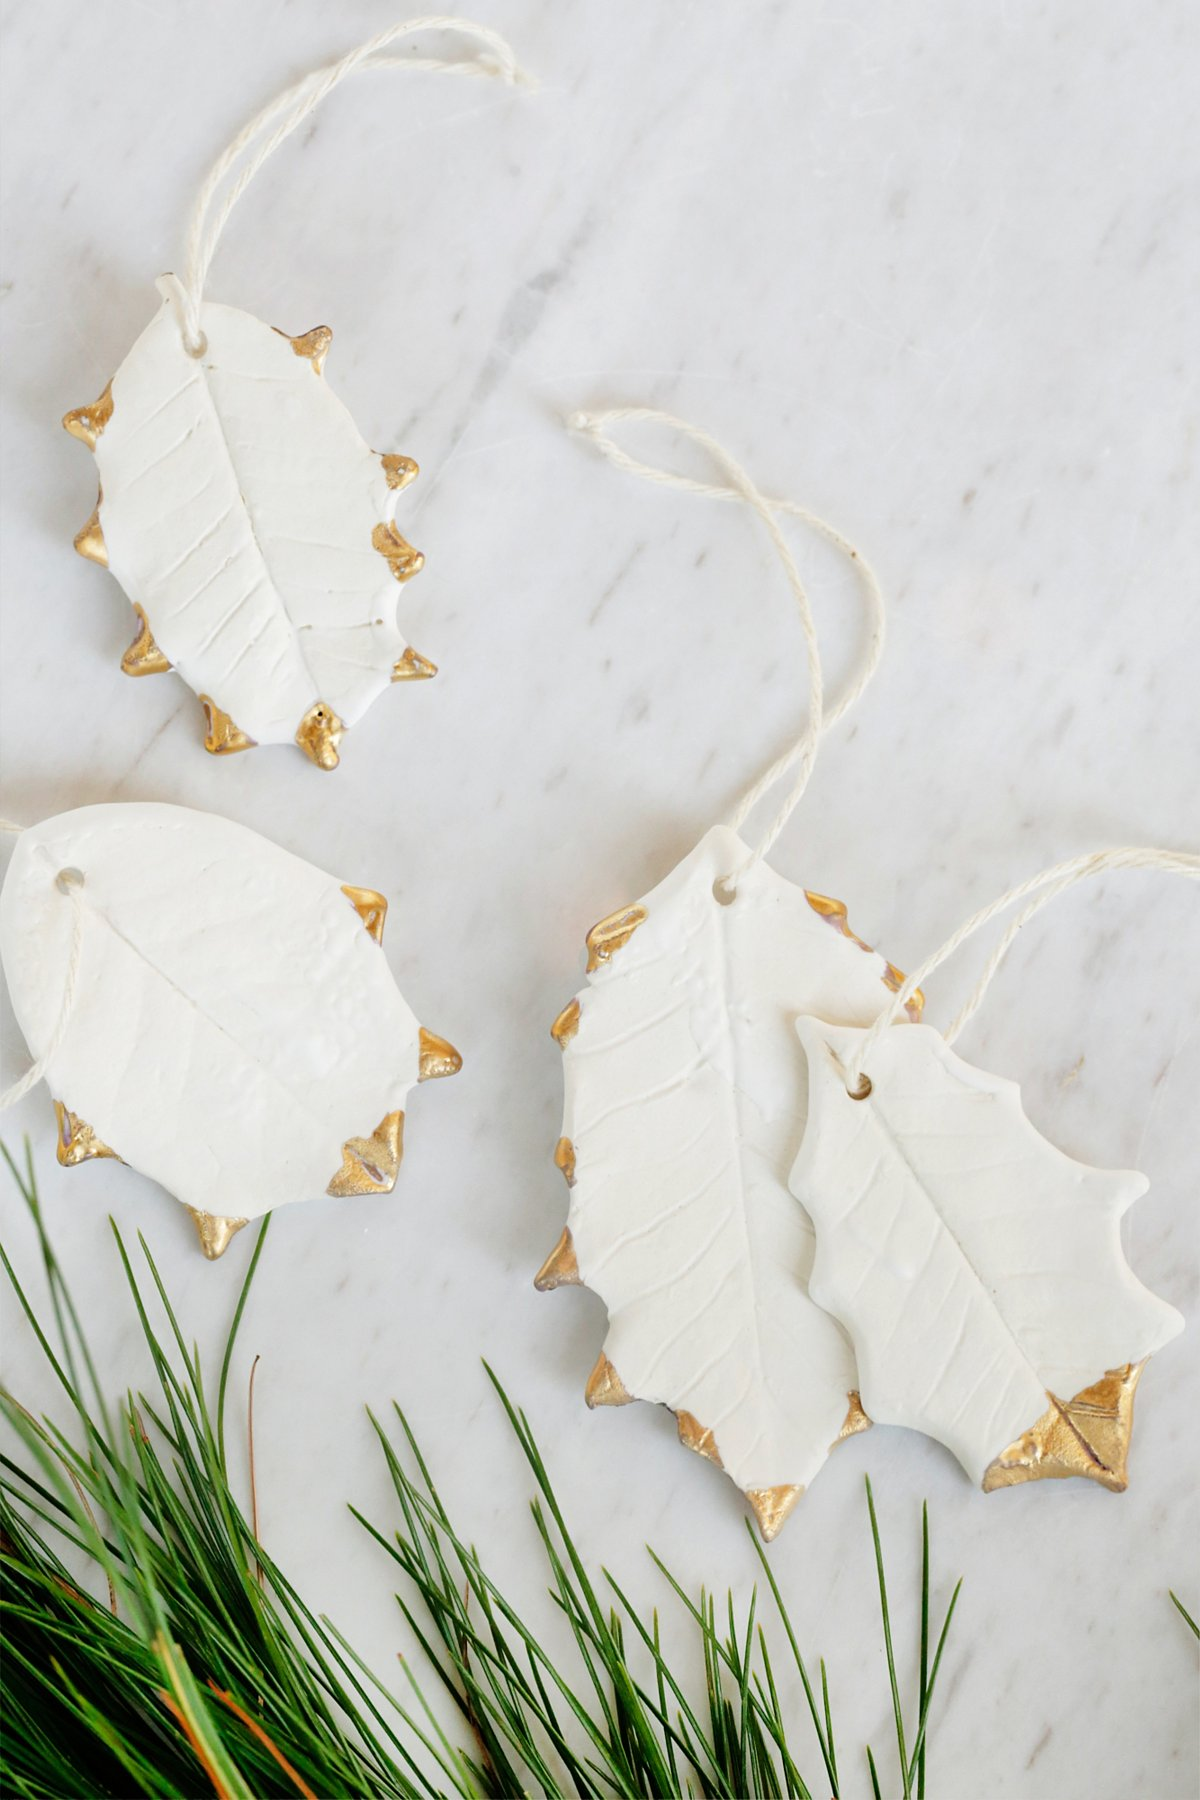 陶瓷冬青叶装饰品